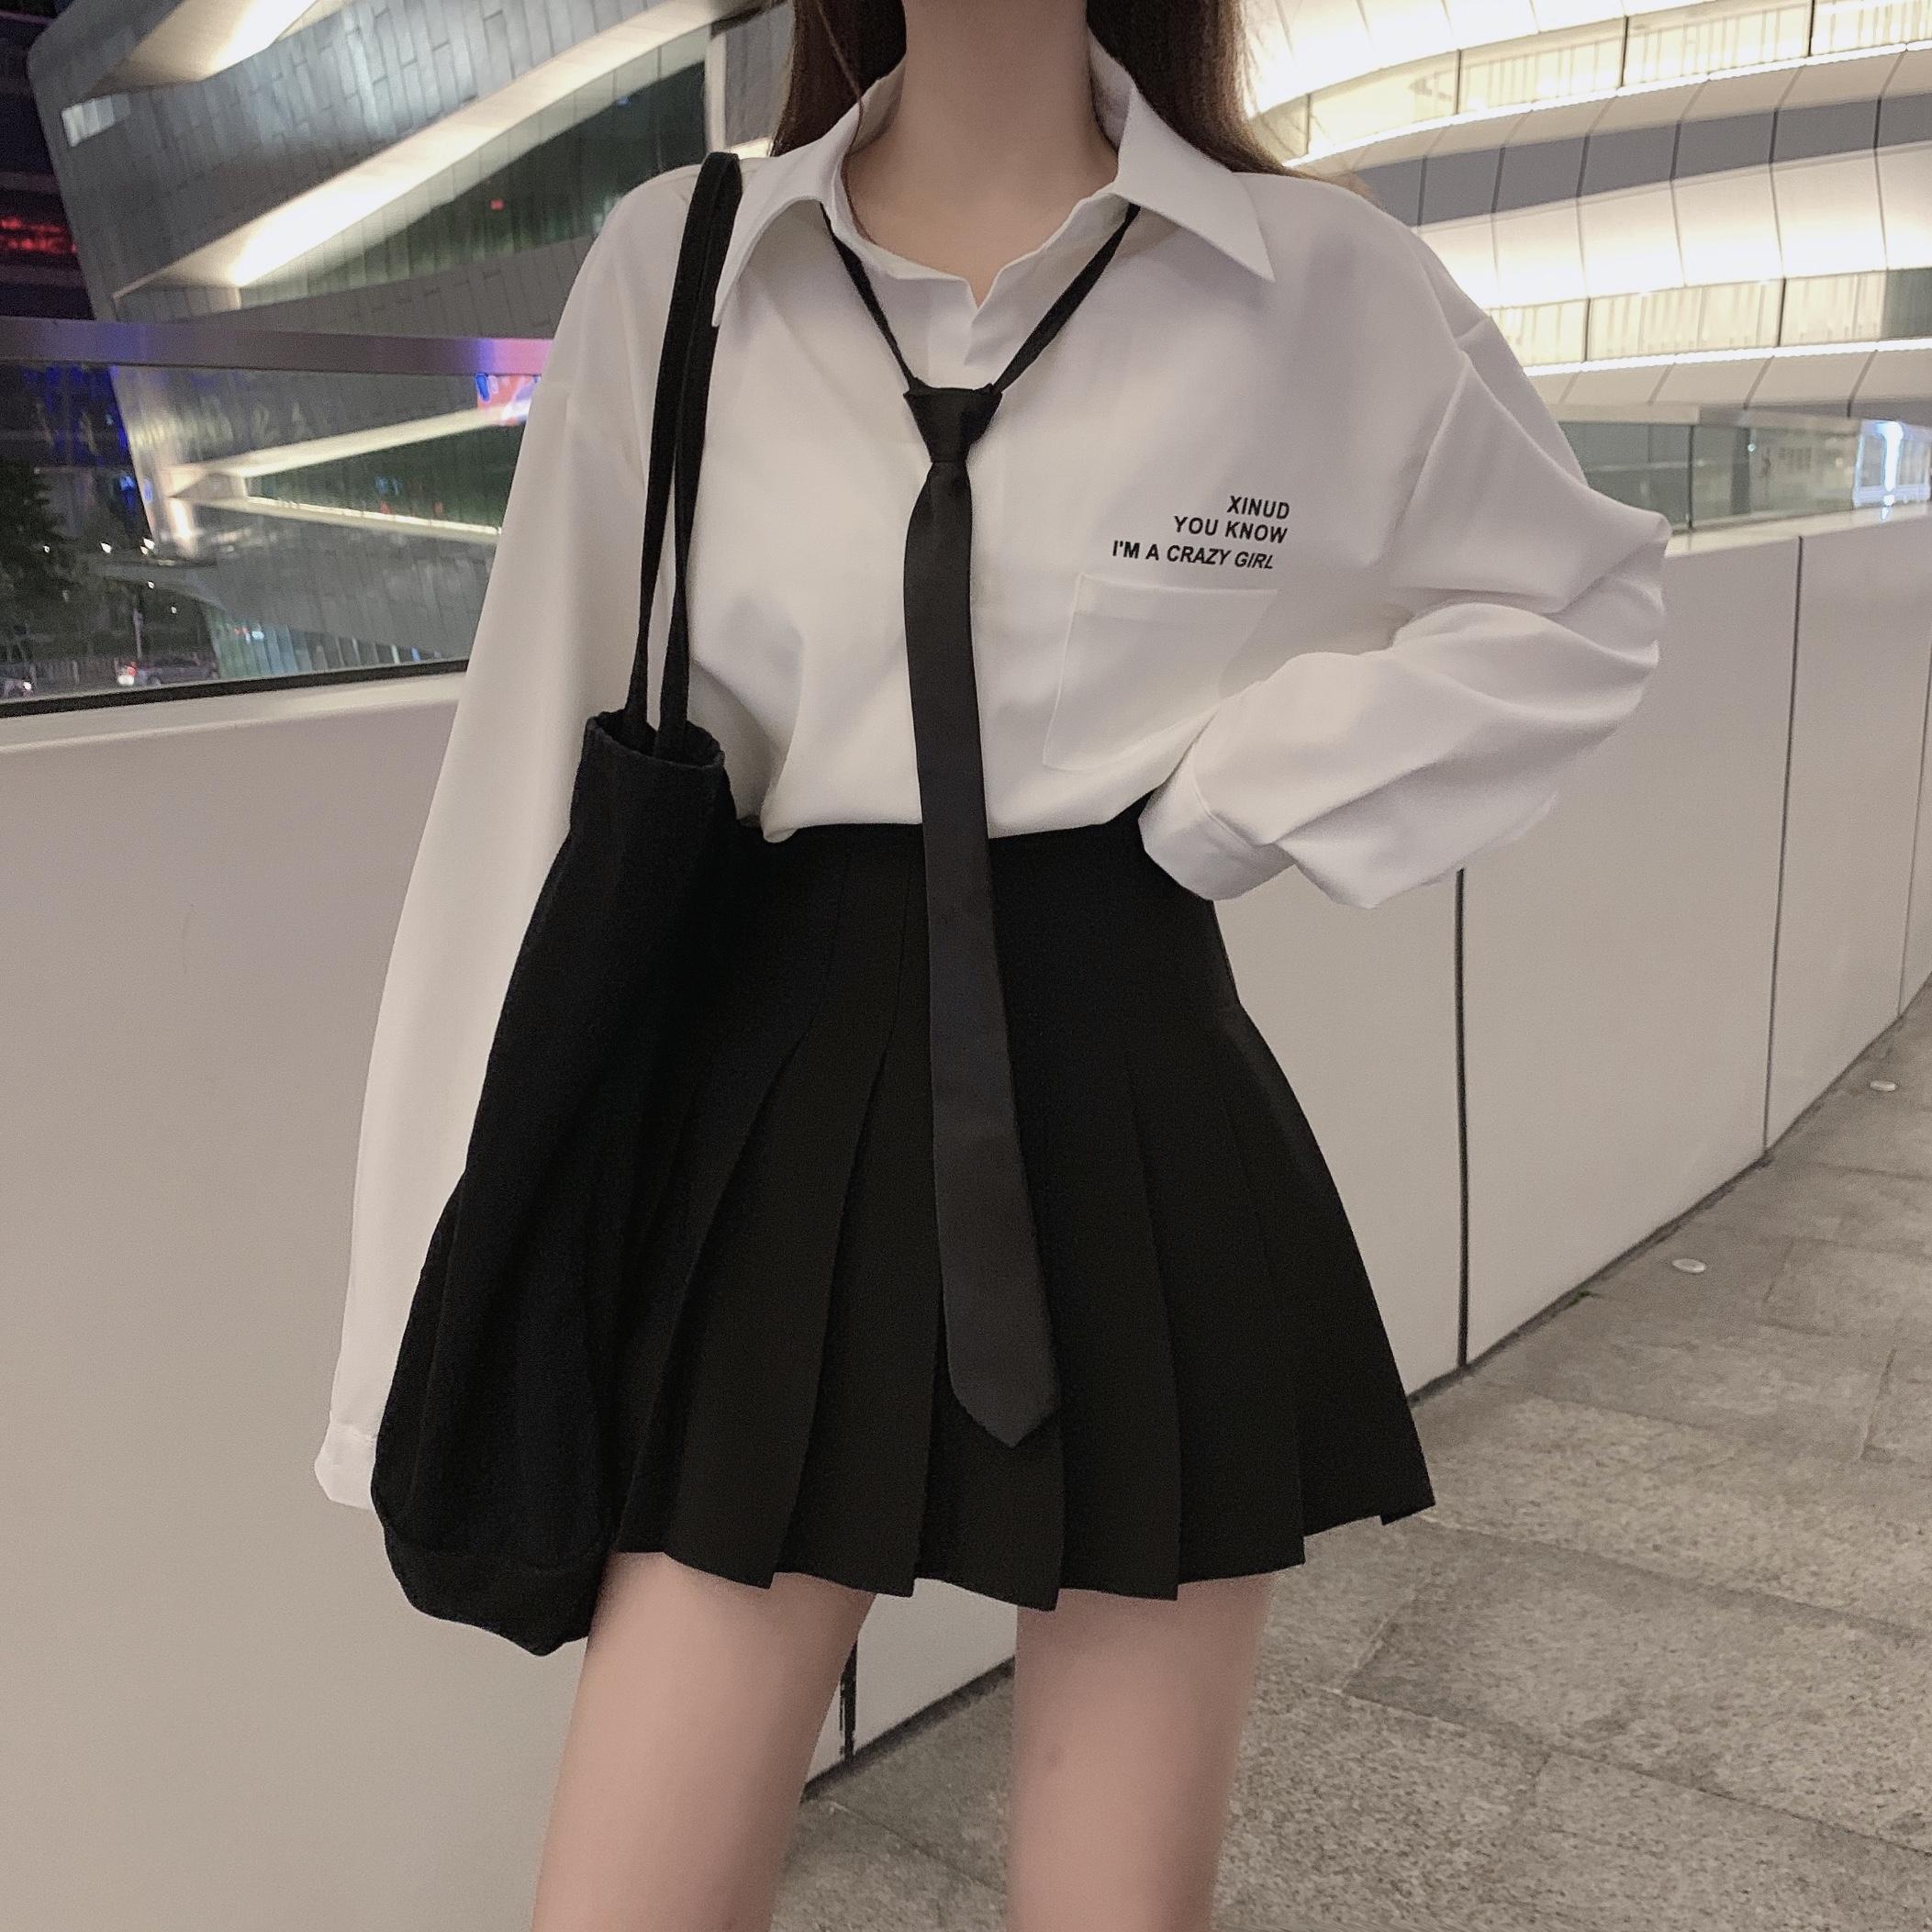 [TRỢ GIÁ] Set áo Sơ Mi Kèm Cà Vạt Và Chân Váy Xếp Ly Học Sinh Style Hàn Quốc Năng động, Trẻ Trung - áo Sơ Mi Trắng Trơn Giá Cực Cool